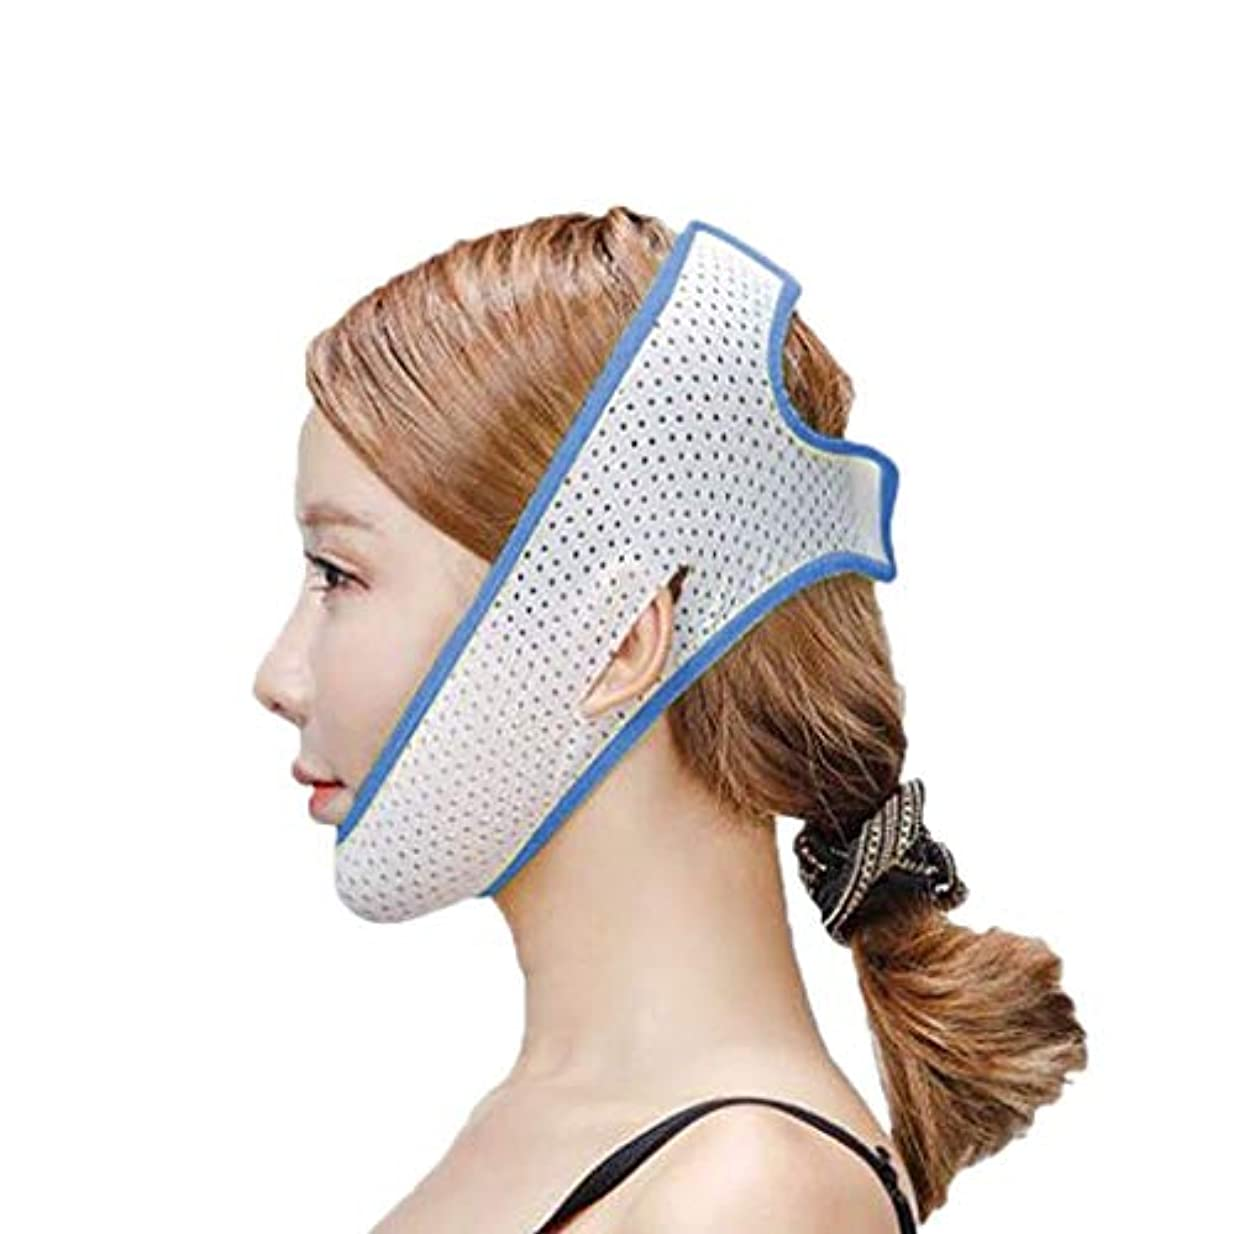 宿題をする危険ぜいたくフェイスリフトマスク、ダブルチンストラップ、フェイシャル減量マスク、フェイシャルダブルチンケアスリミングマスク、リンクルマスク(フリーサイズ)(カラー:ブラック),青